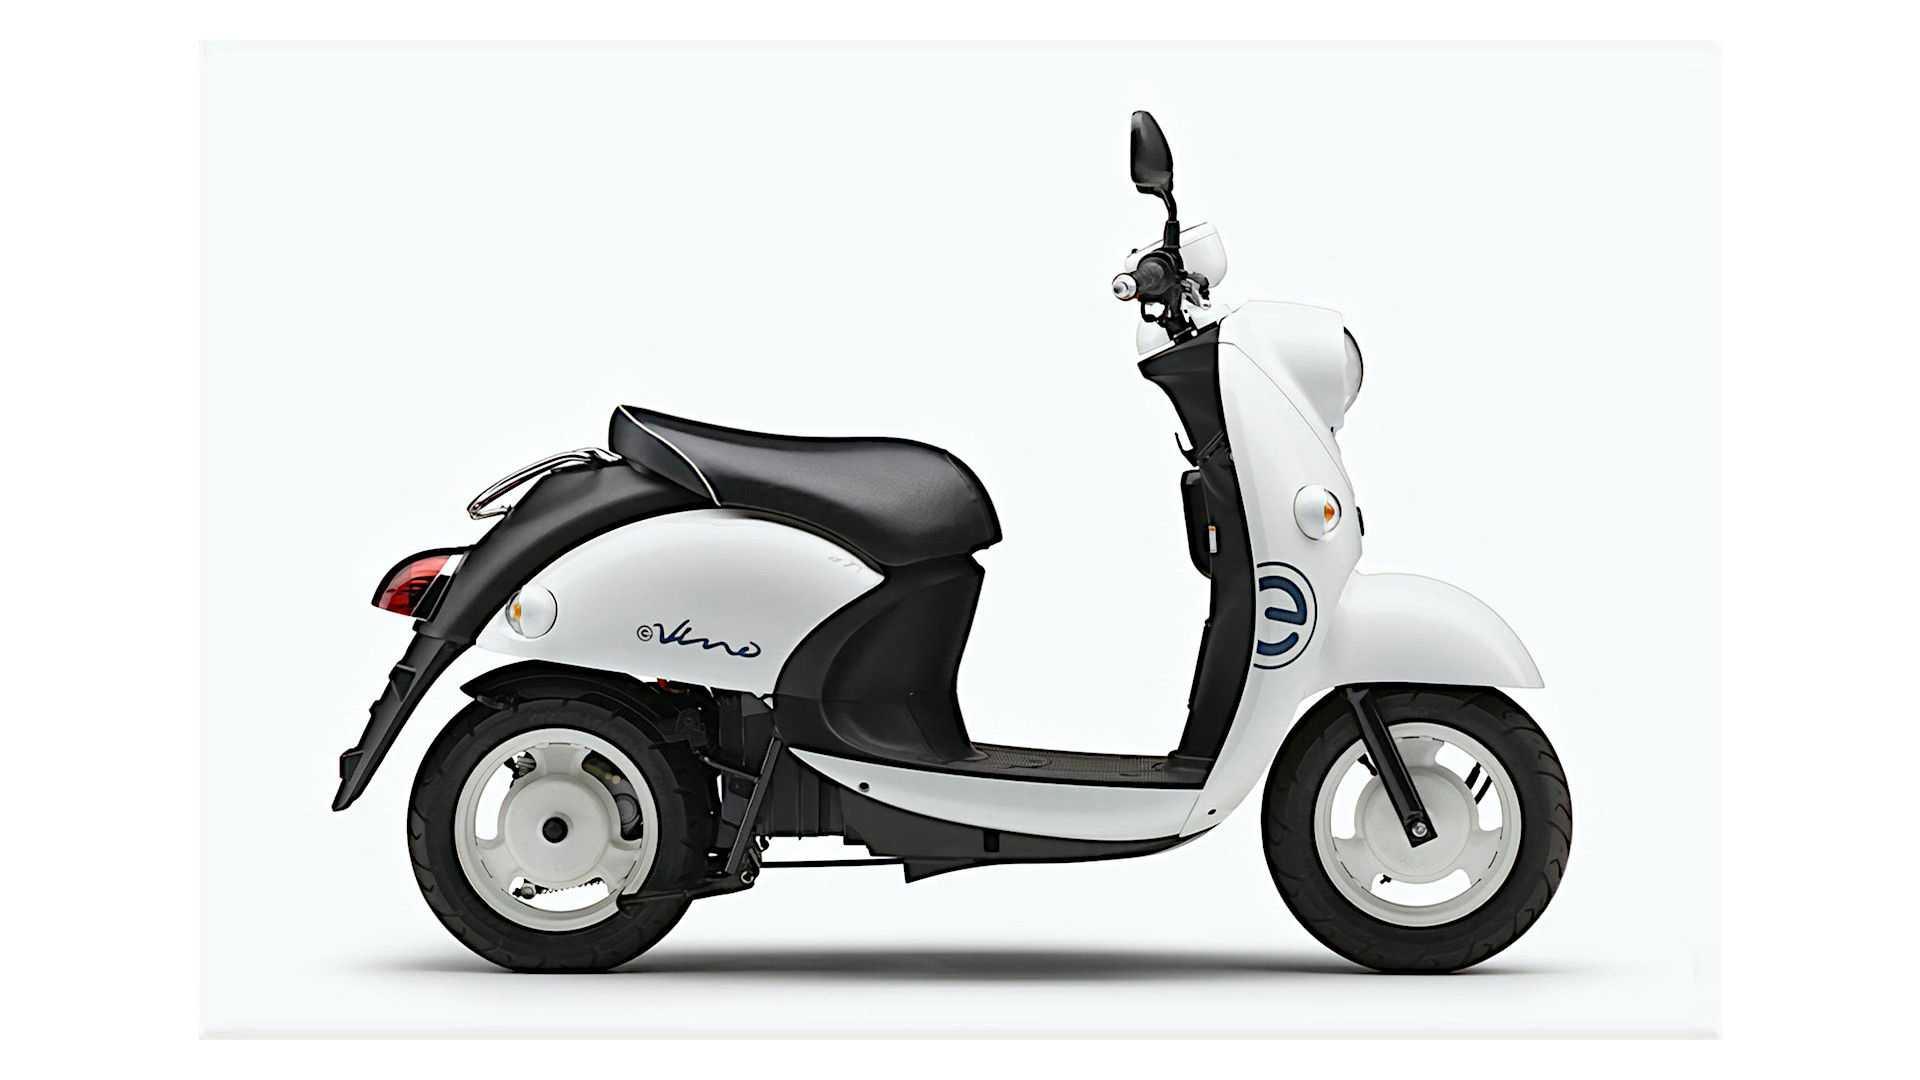 Yamaha'dan şehir içi kullanıma uygun elektrikli motosiklet: e-Vino